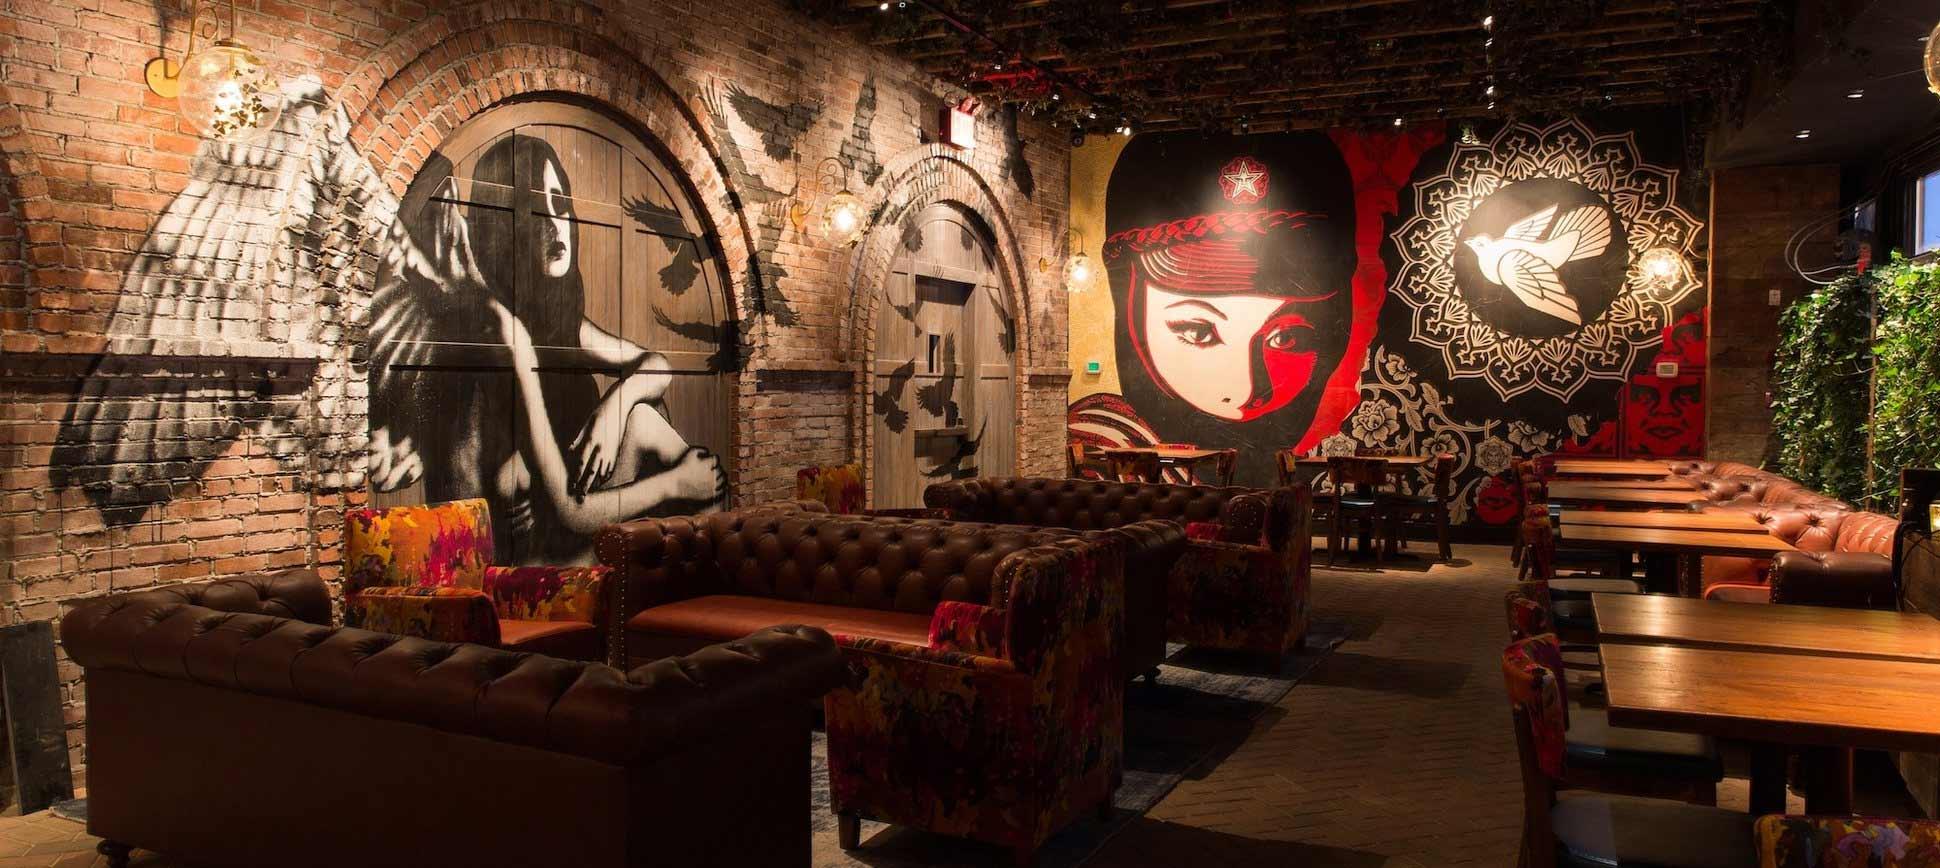 Tendencias en el dise o de bares caf s y restaurantes - Decoracion de bar ...